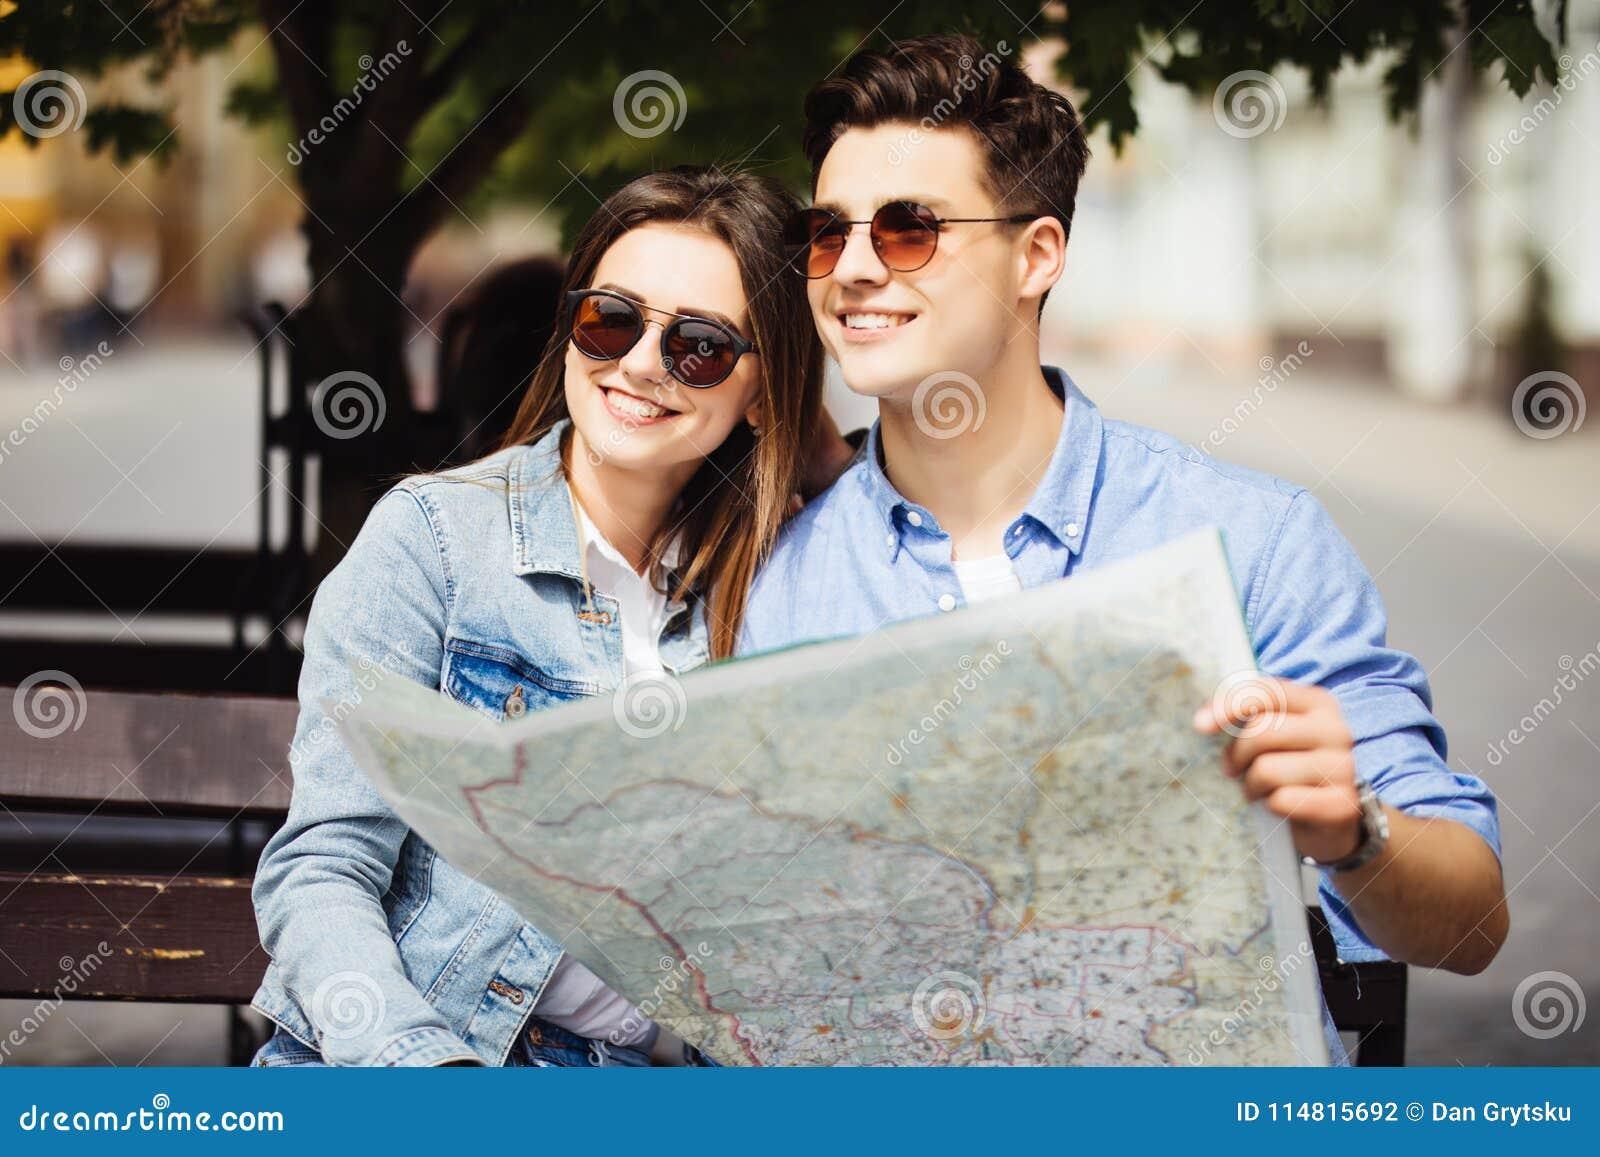 走愉快的夫妇户外观光和拿着一张地图在新的城市 汽车城市概念都伯林映射小的旅行